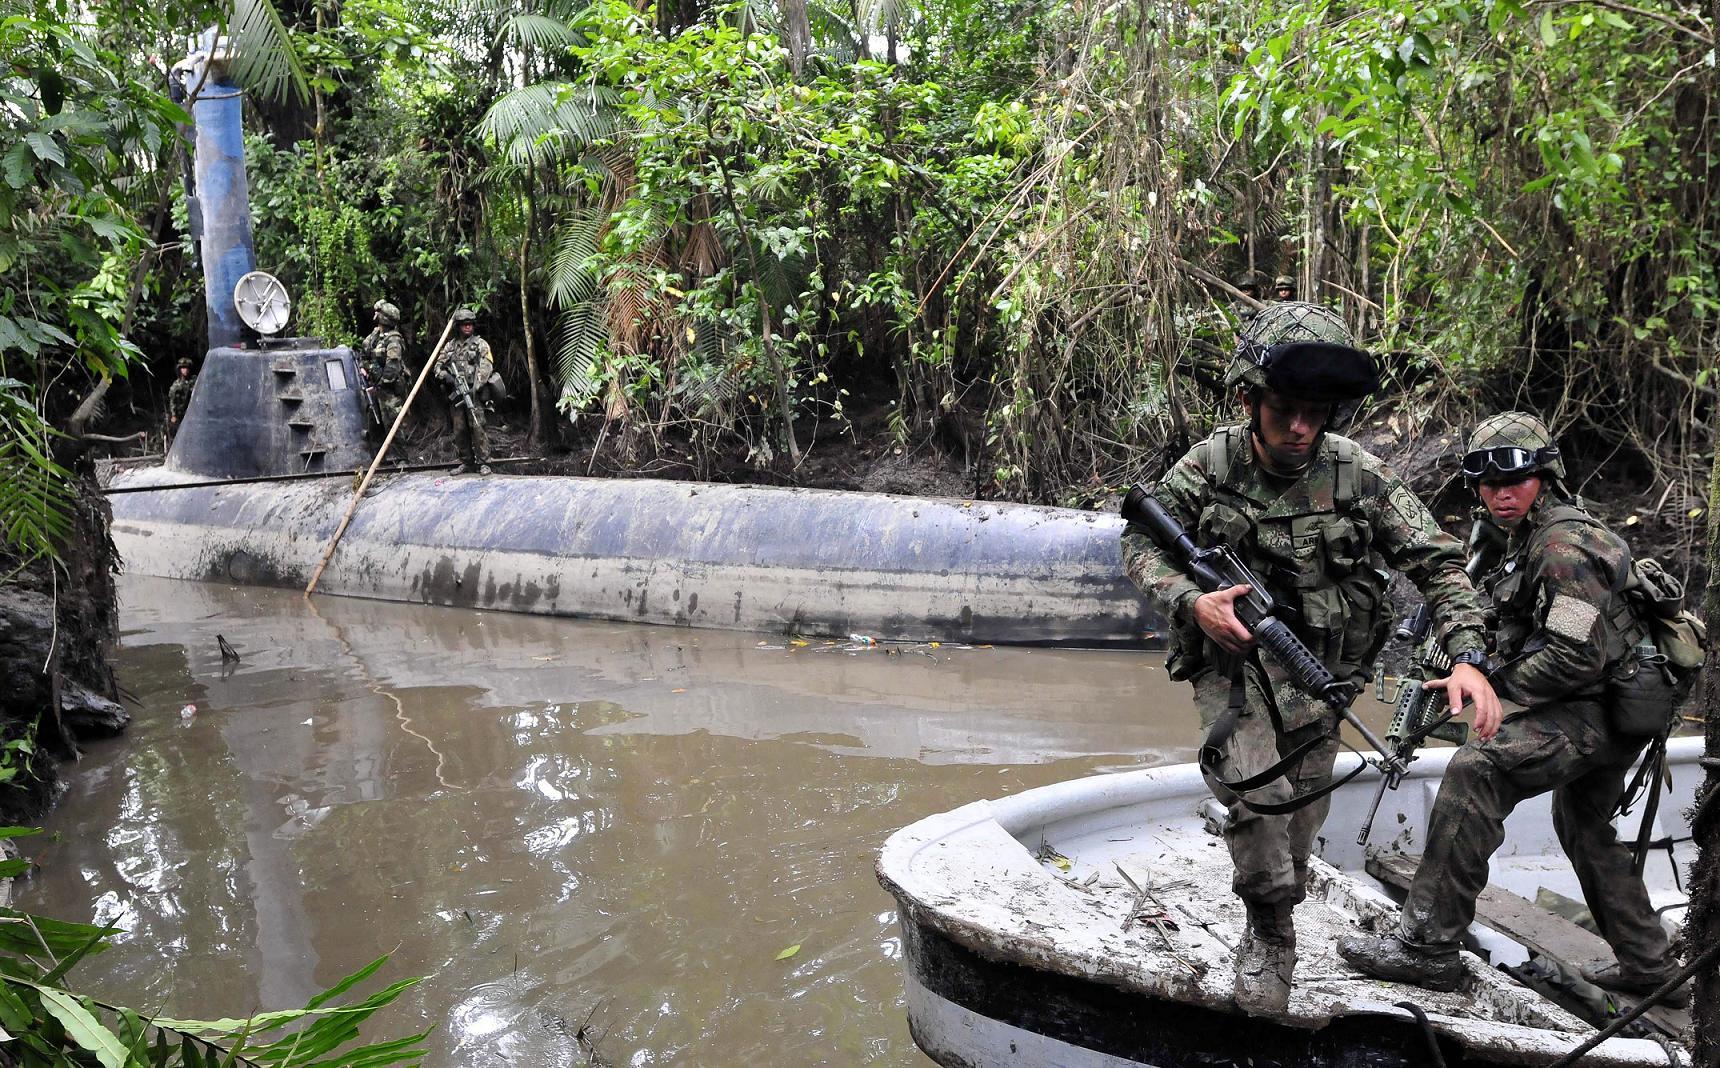 Incautan tres submarinos narcos en Colombia